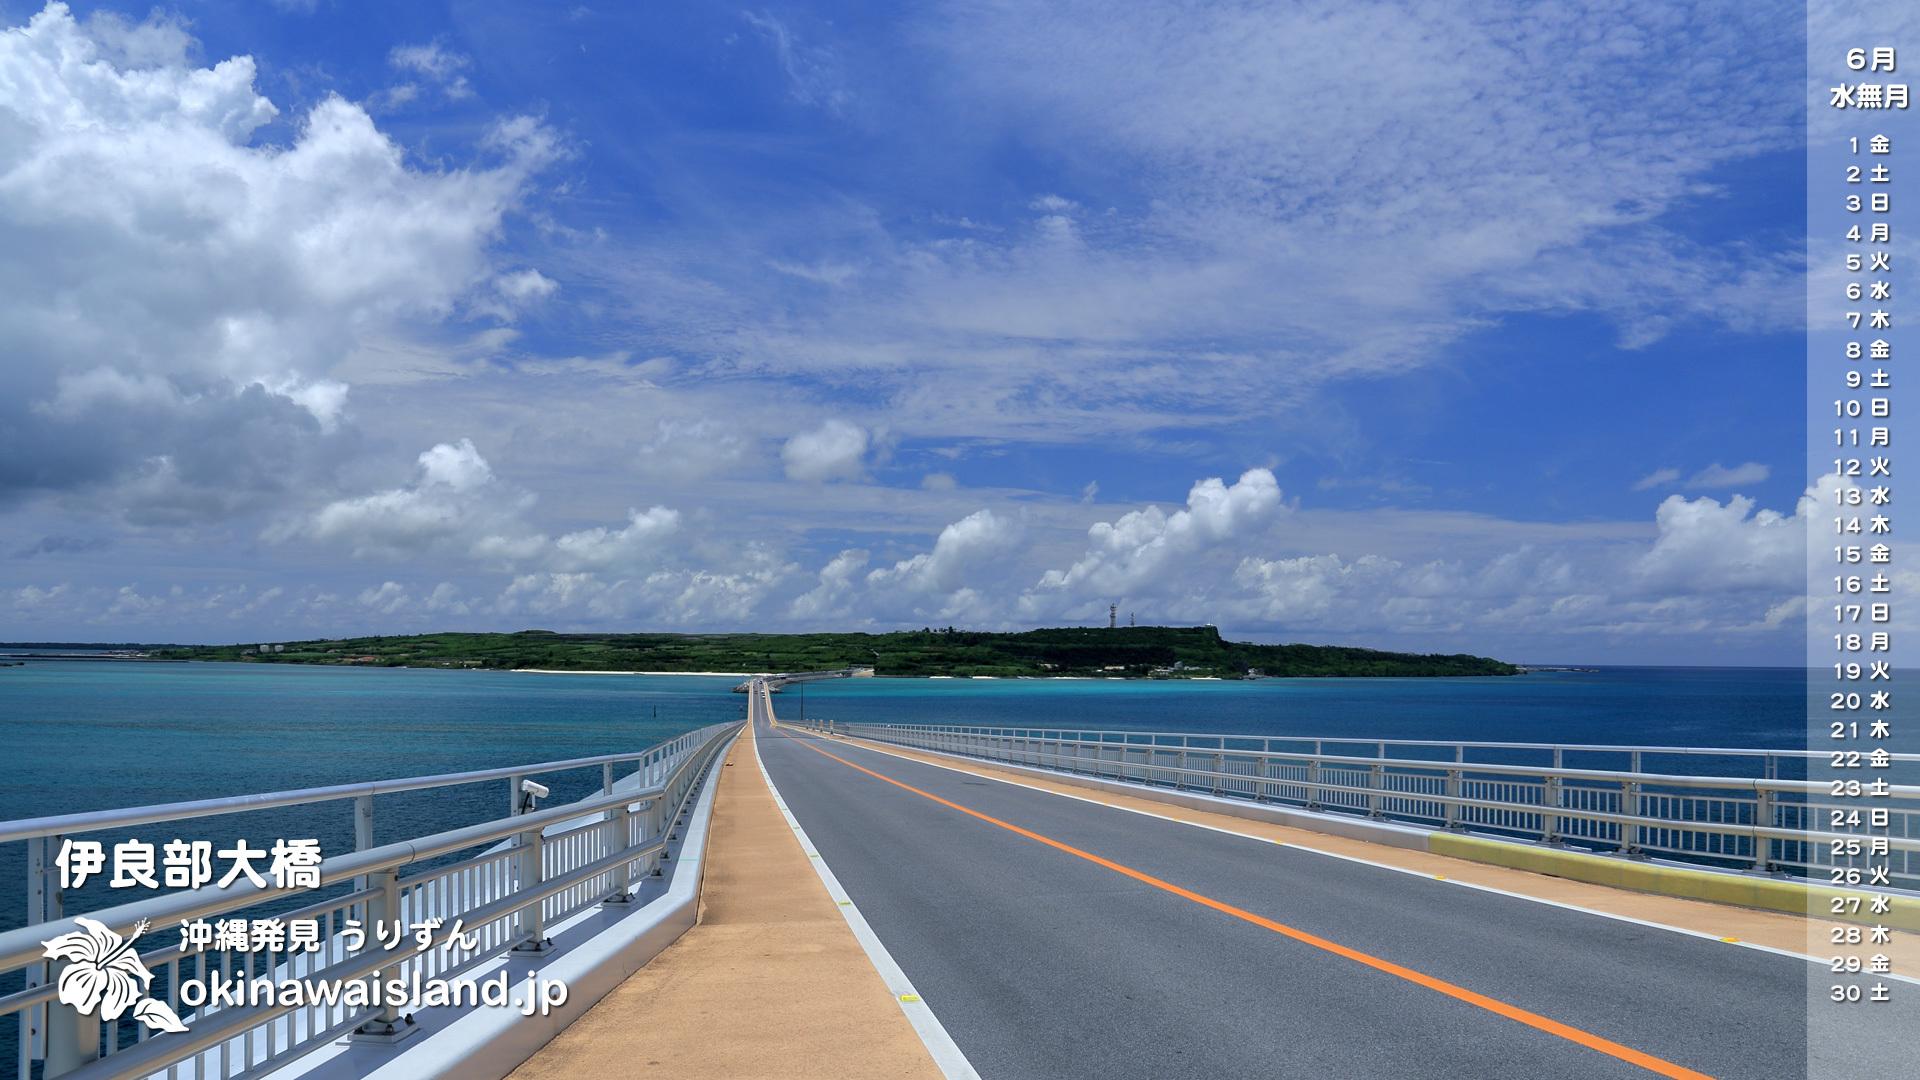 沖縄の風景 壁紙 デスクトップカレンダー 無料ダウンロード 伊良部